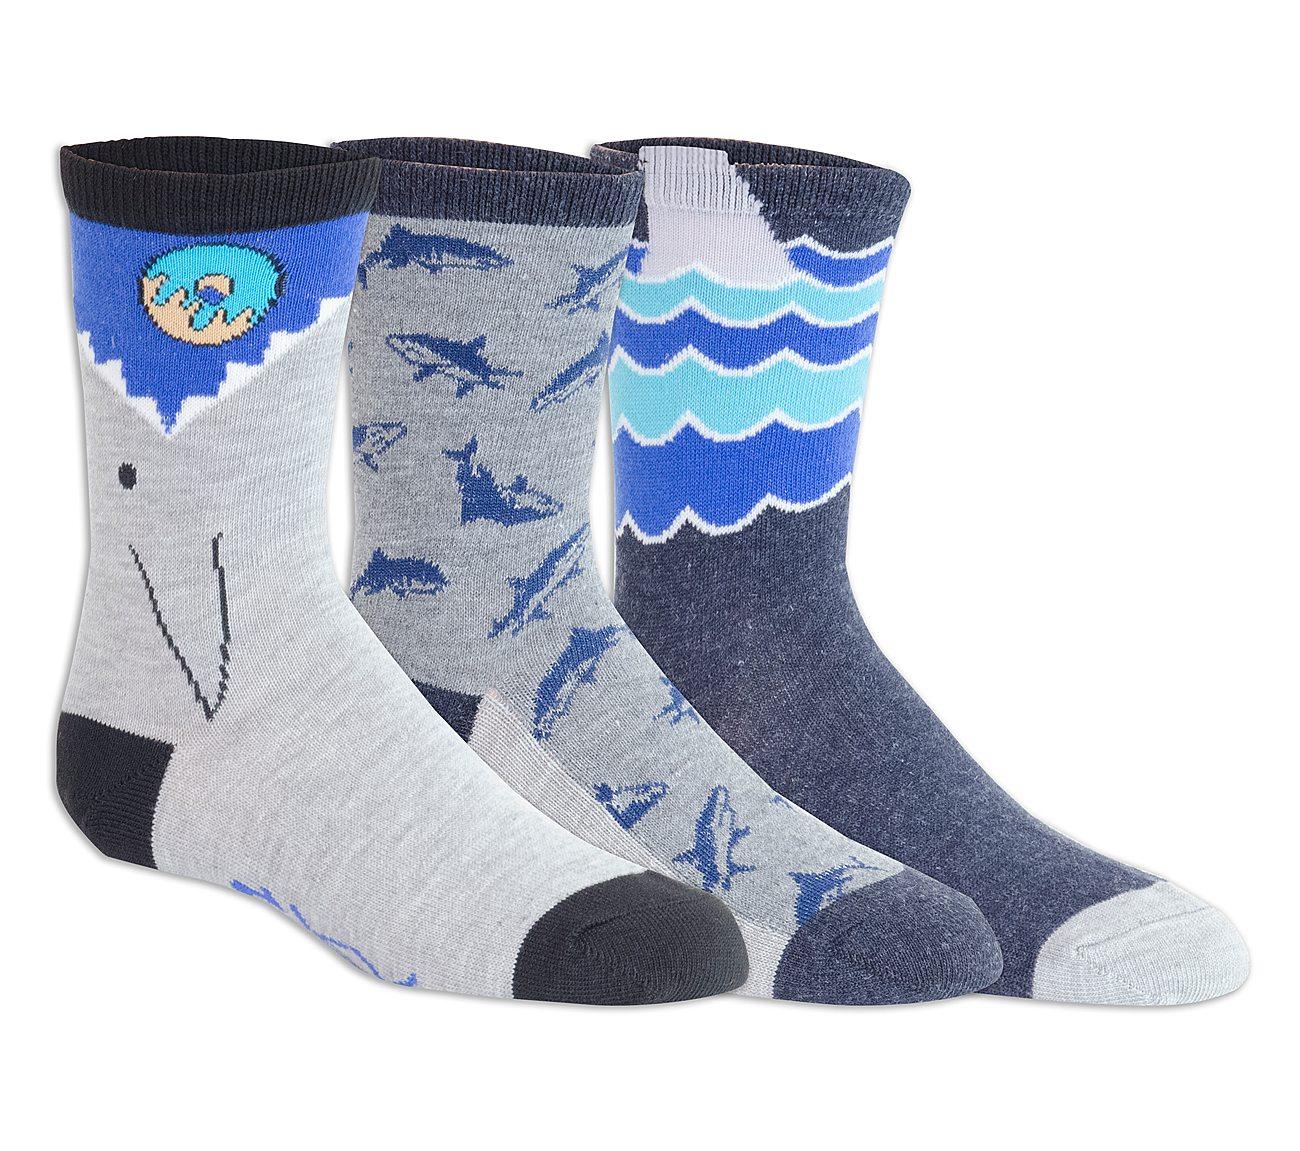 3 Pack Shark Crew Socks